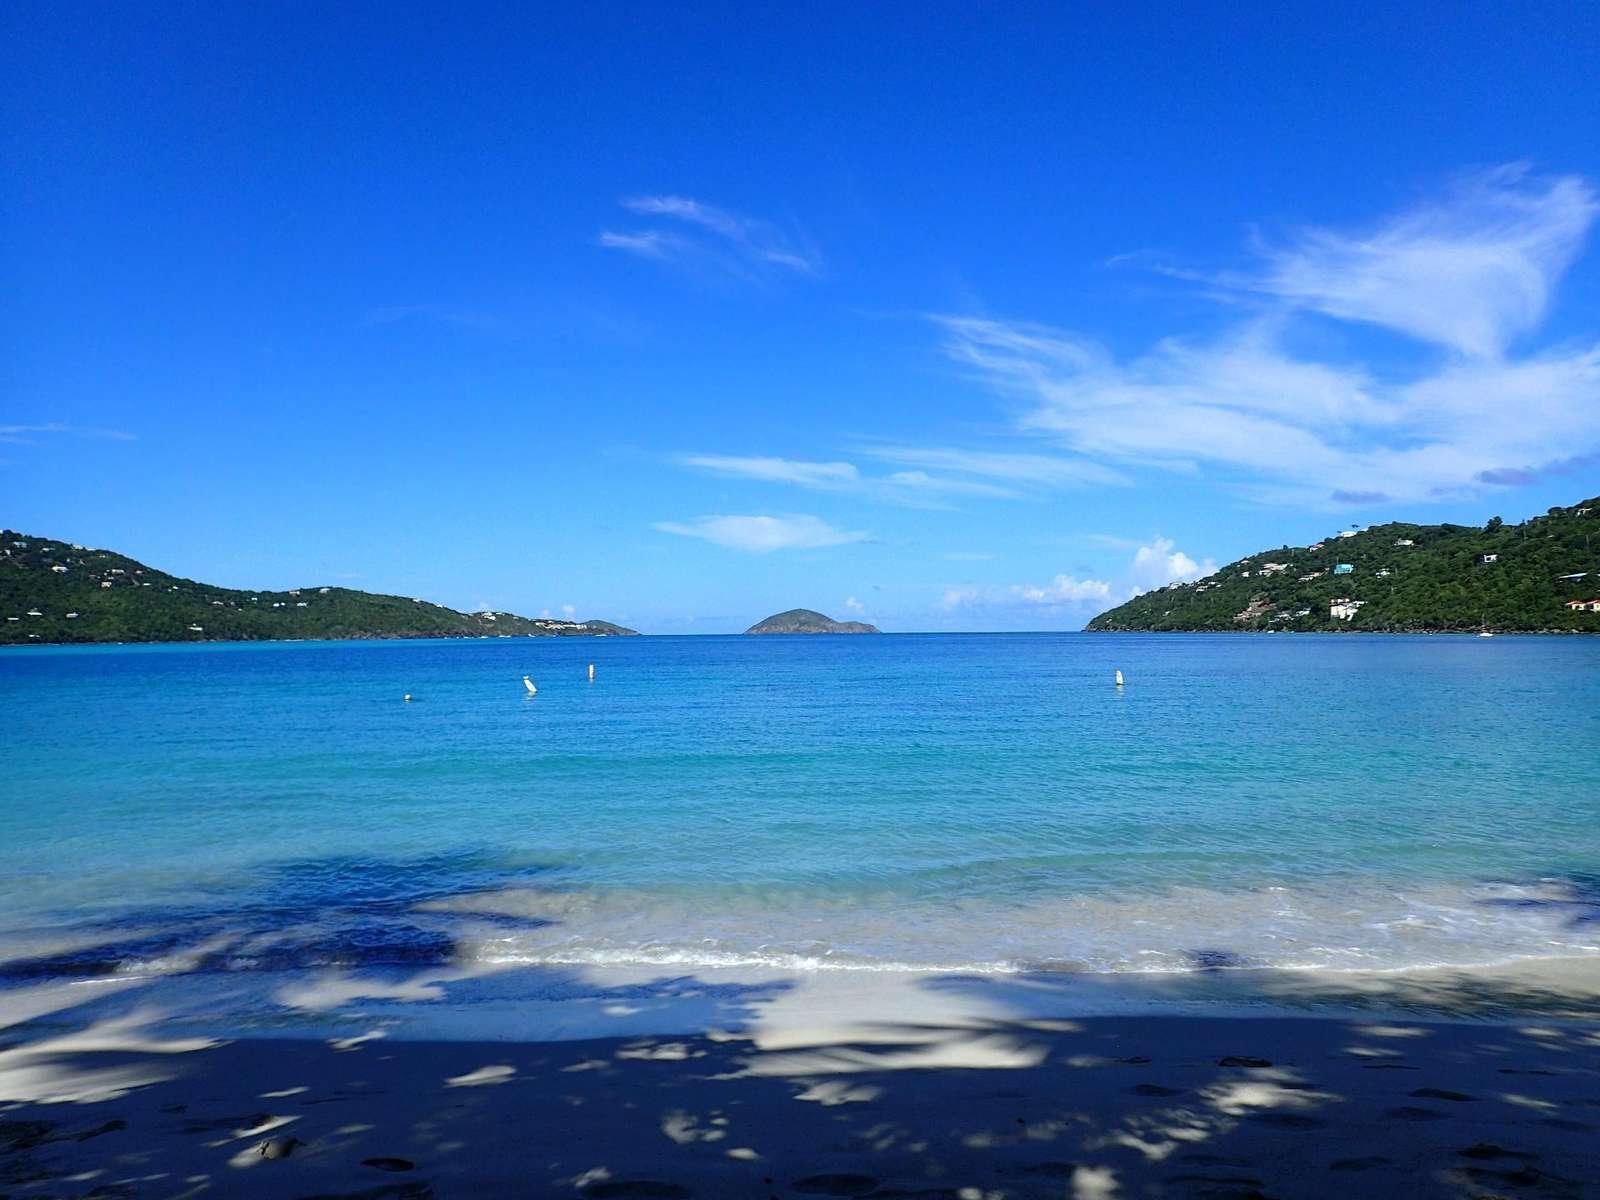 Beaches, Beaches Everywhere!